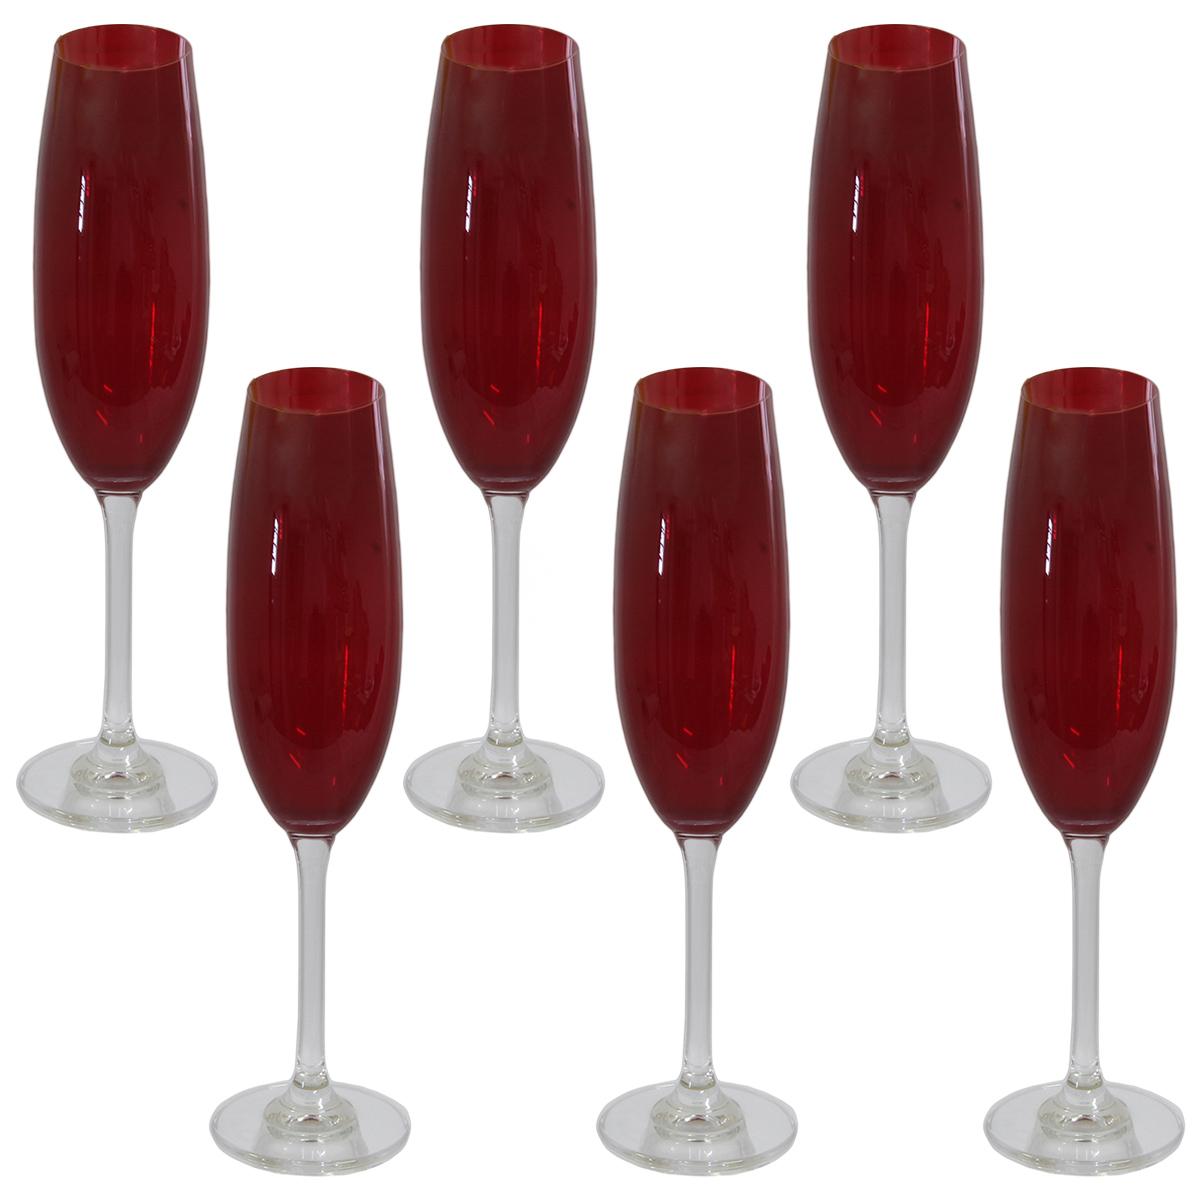 Jogo 6 tacas champanhe Gastro cristal 220ml carmim Bohemia